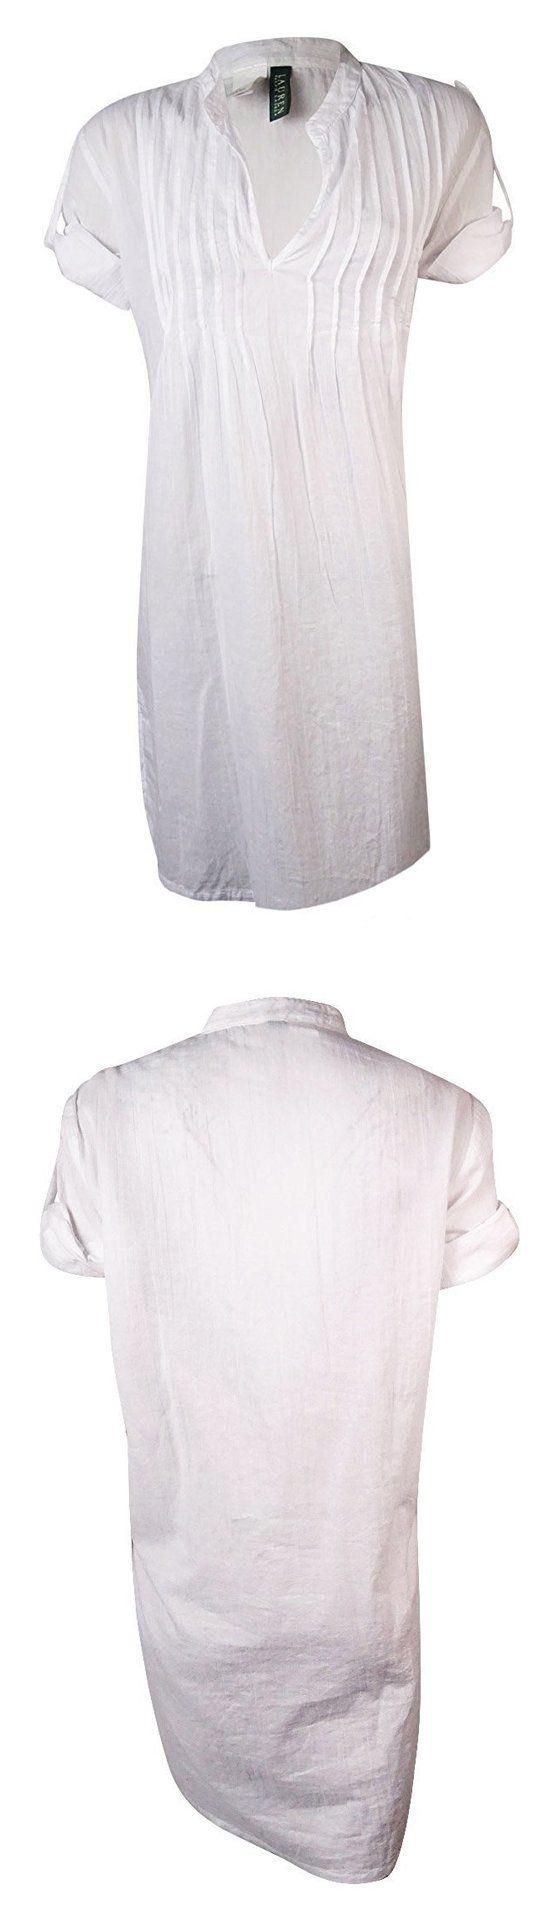 $18.4 - Ralph Lauren Short Sleeve V Neck Bathing Suit Cover Up White # ralphlauren